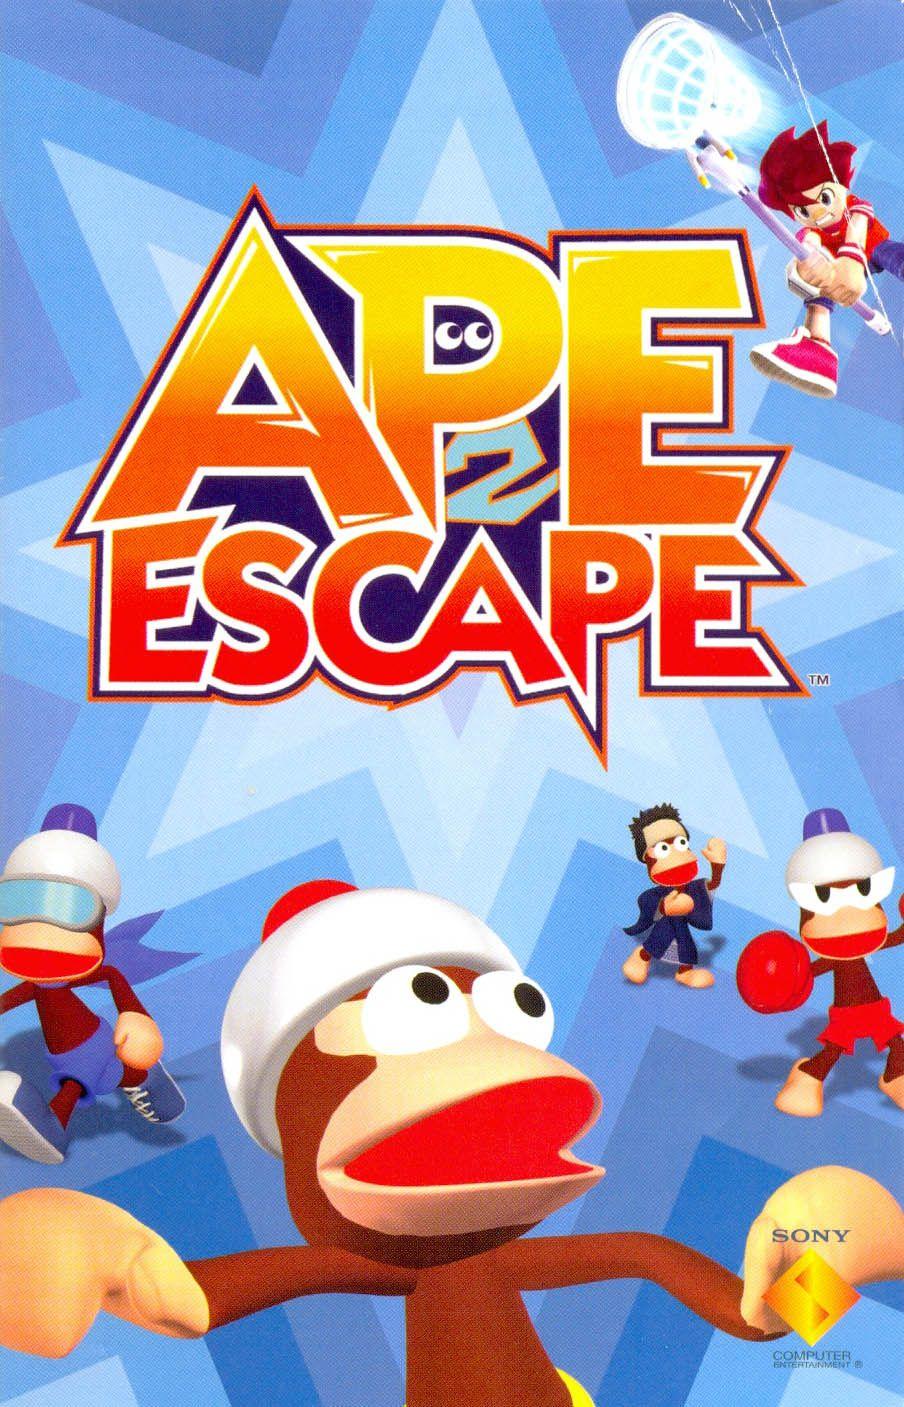 Ape Escape 2 Retro gaming art, Apes, Game themes